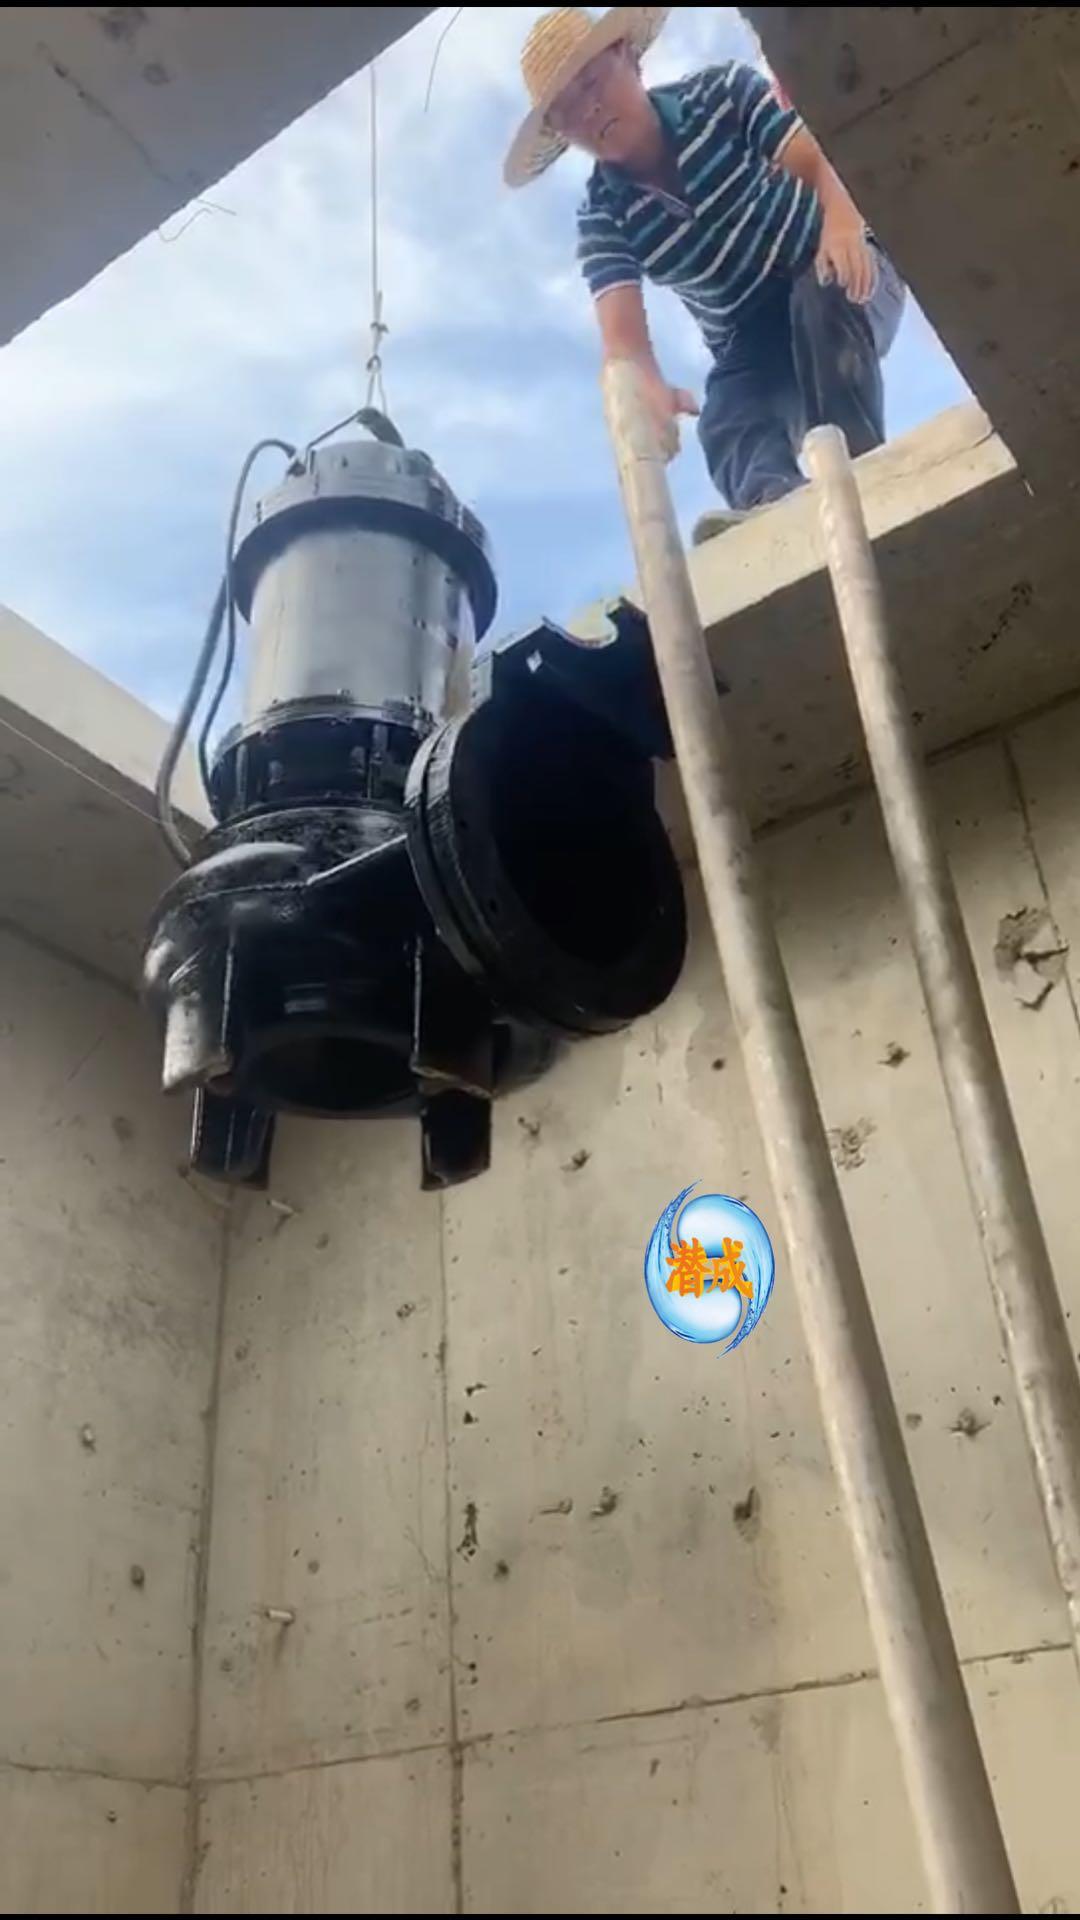 WQ潜水排污泵天津津南区现场安装第5张-潜水电机-潜水电泵-高压潜水电机-天津潜成泵业